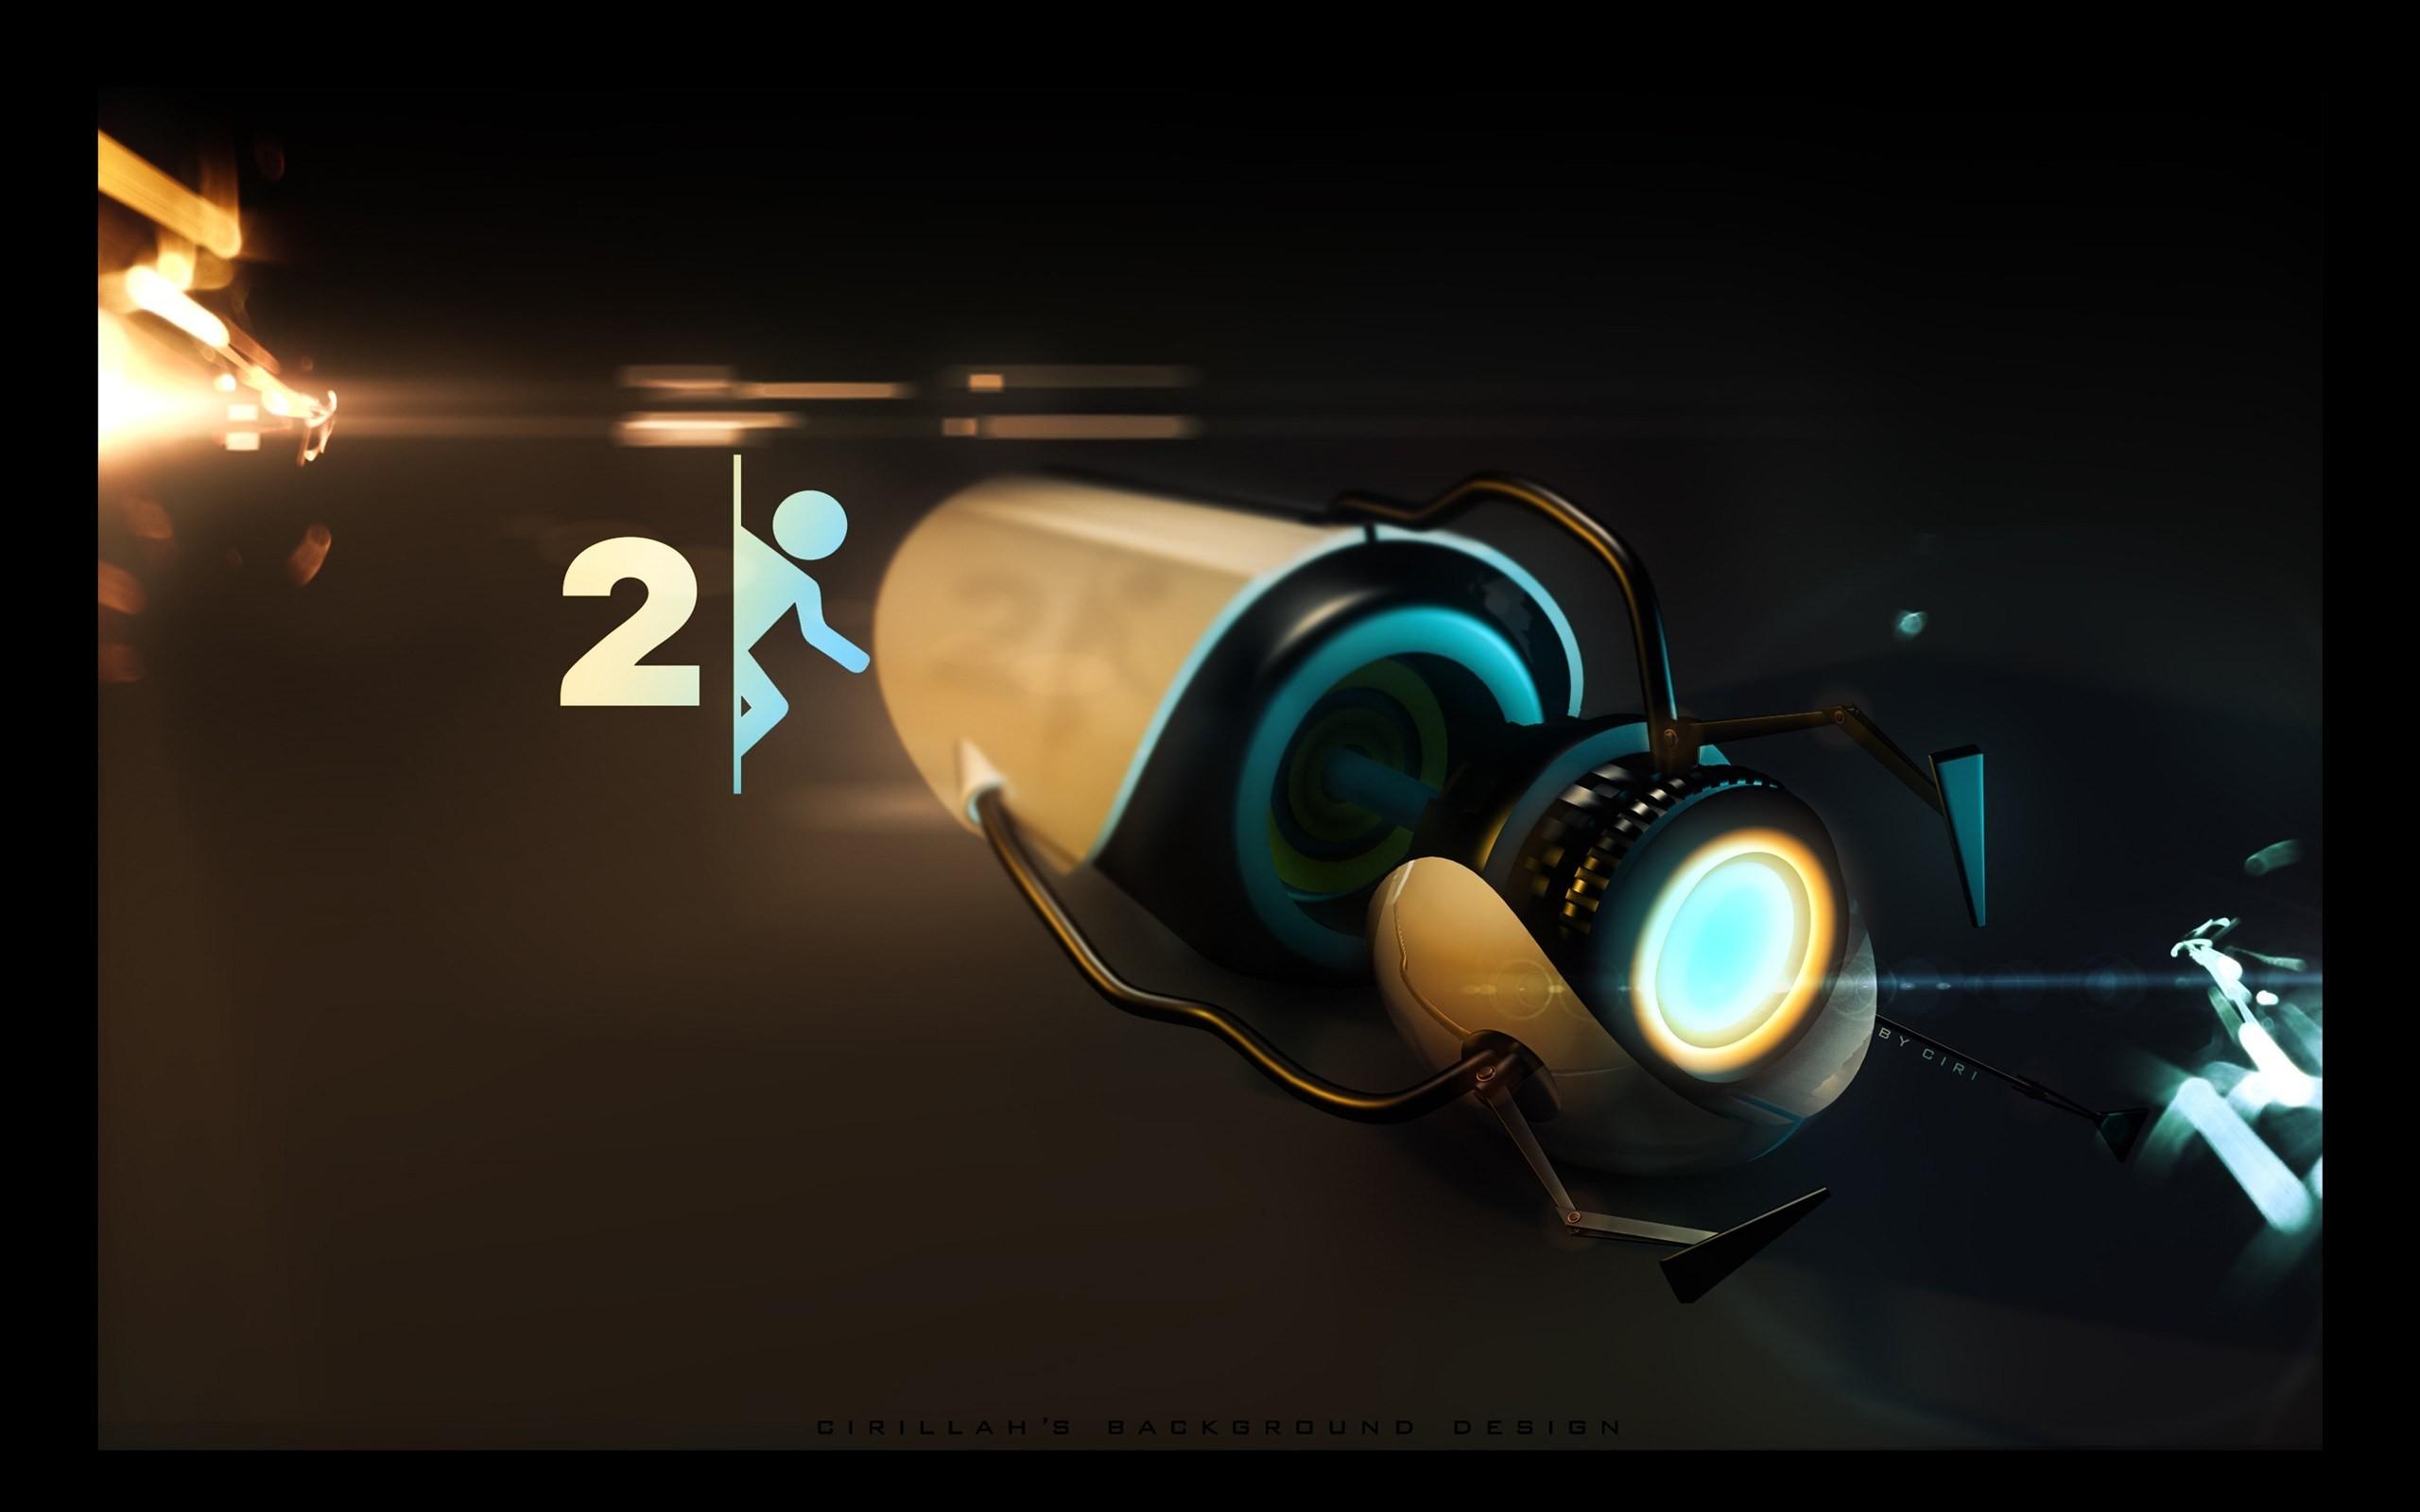 Portal 2 Wallpaper | feelgrafix.com | Pinterest | Wallpapers, Xbox .